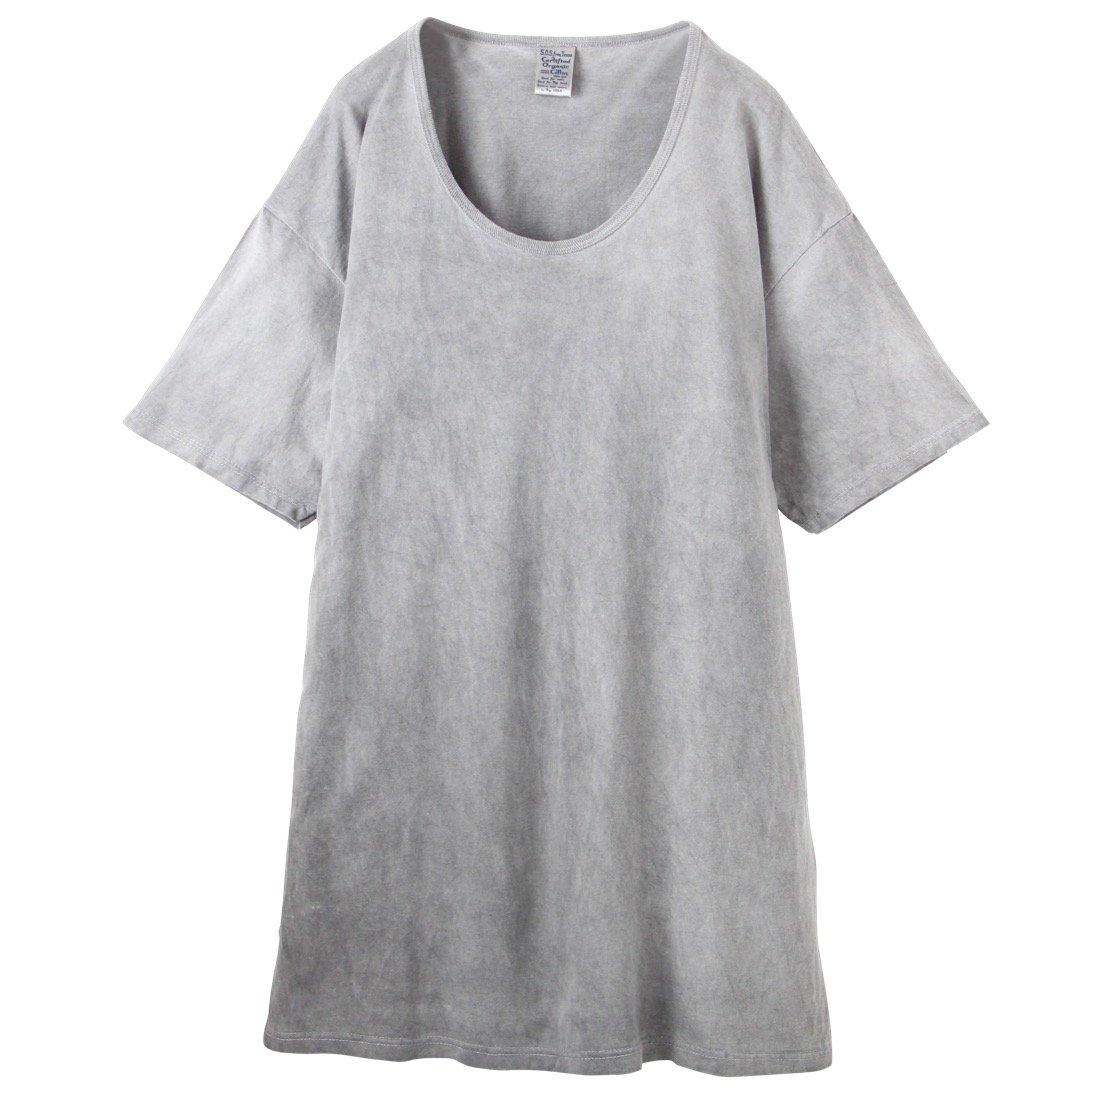 Hemp Charcoal Dyed Night Shirts